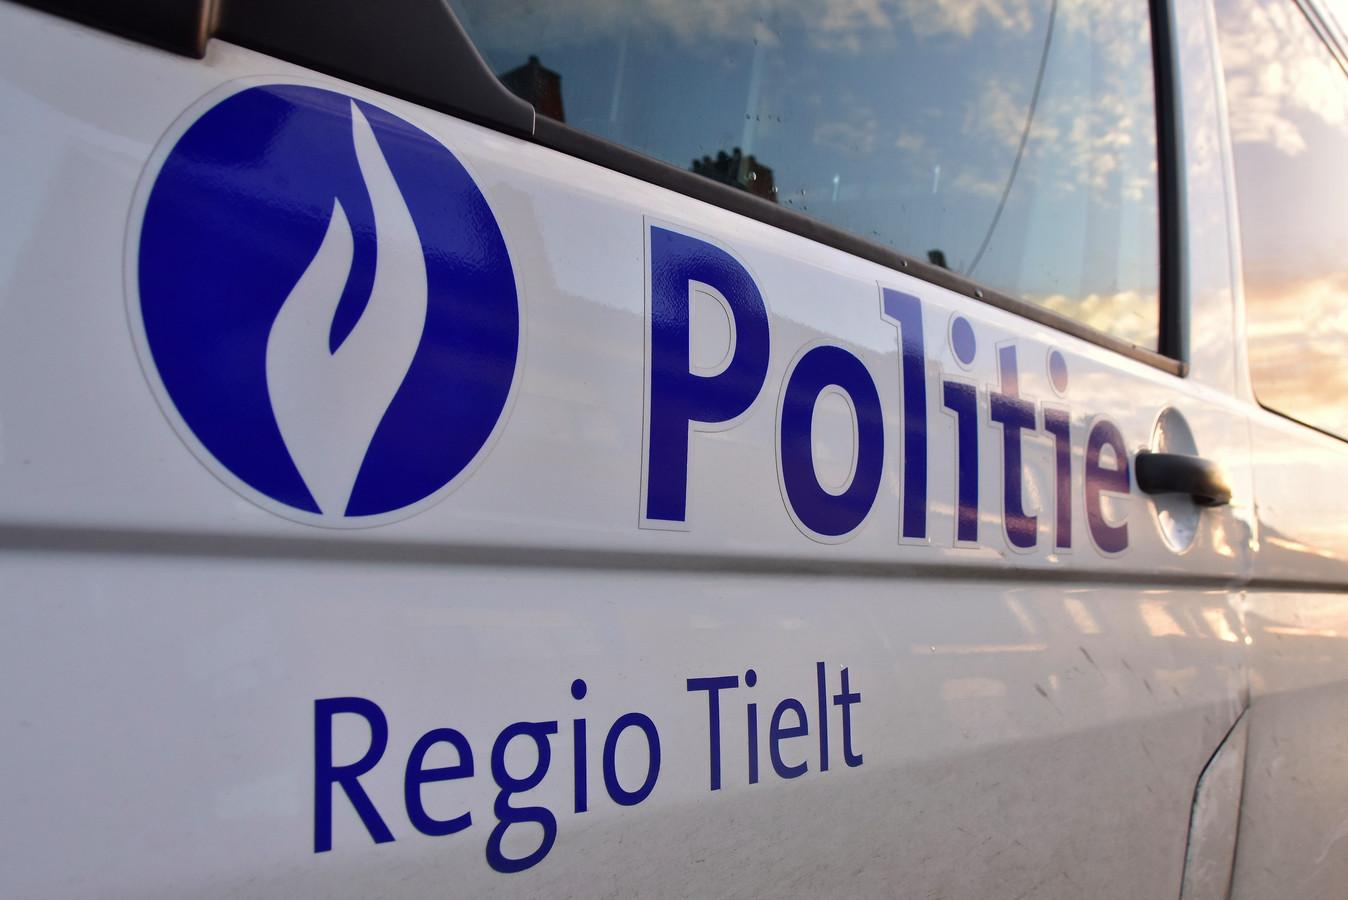 De politie van de zone Regio Tielt deed vaststellingen van de mislukte inbraak bij Pistoletto.